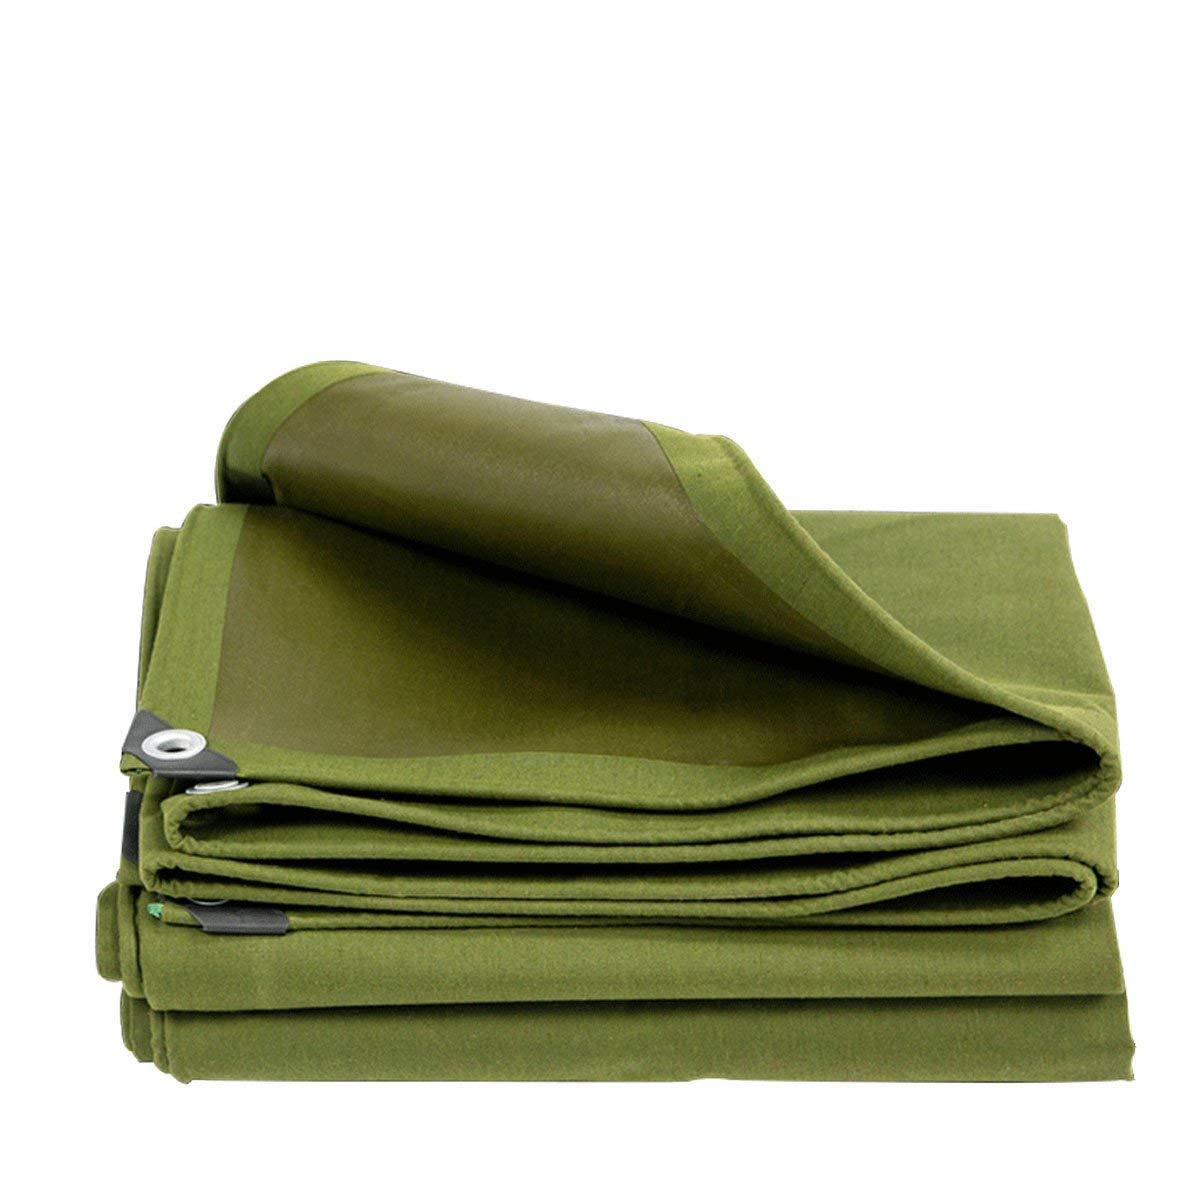 ZHhome Tarpaulin, Telo Impermeabile Resistente, Adatto per la Copertura di Oggetti, Decorazione del Giardino, Campeggio all'aperto, Tenda da Campo, opzioni Multi-Dimensione, verde (Dimensioni   3  3M)